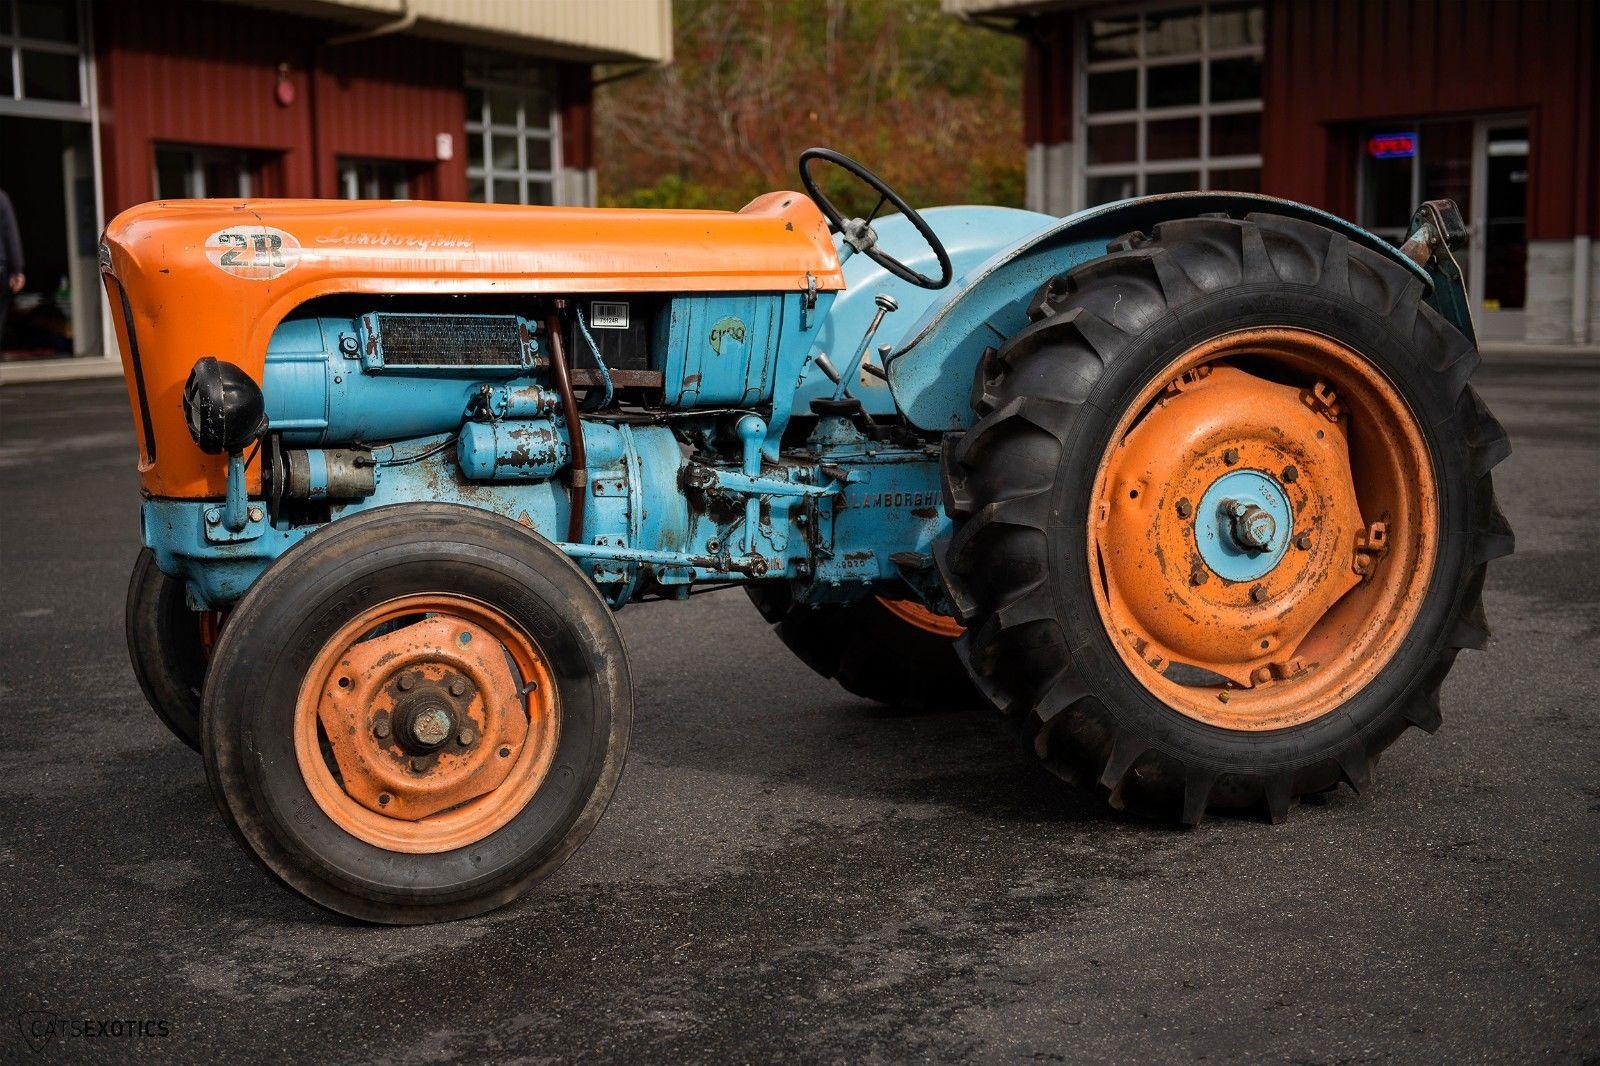 Lamborghini 2R tractor 1964 barnfind for sale (6)